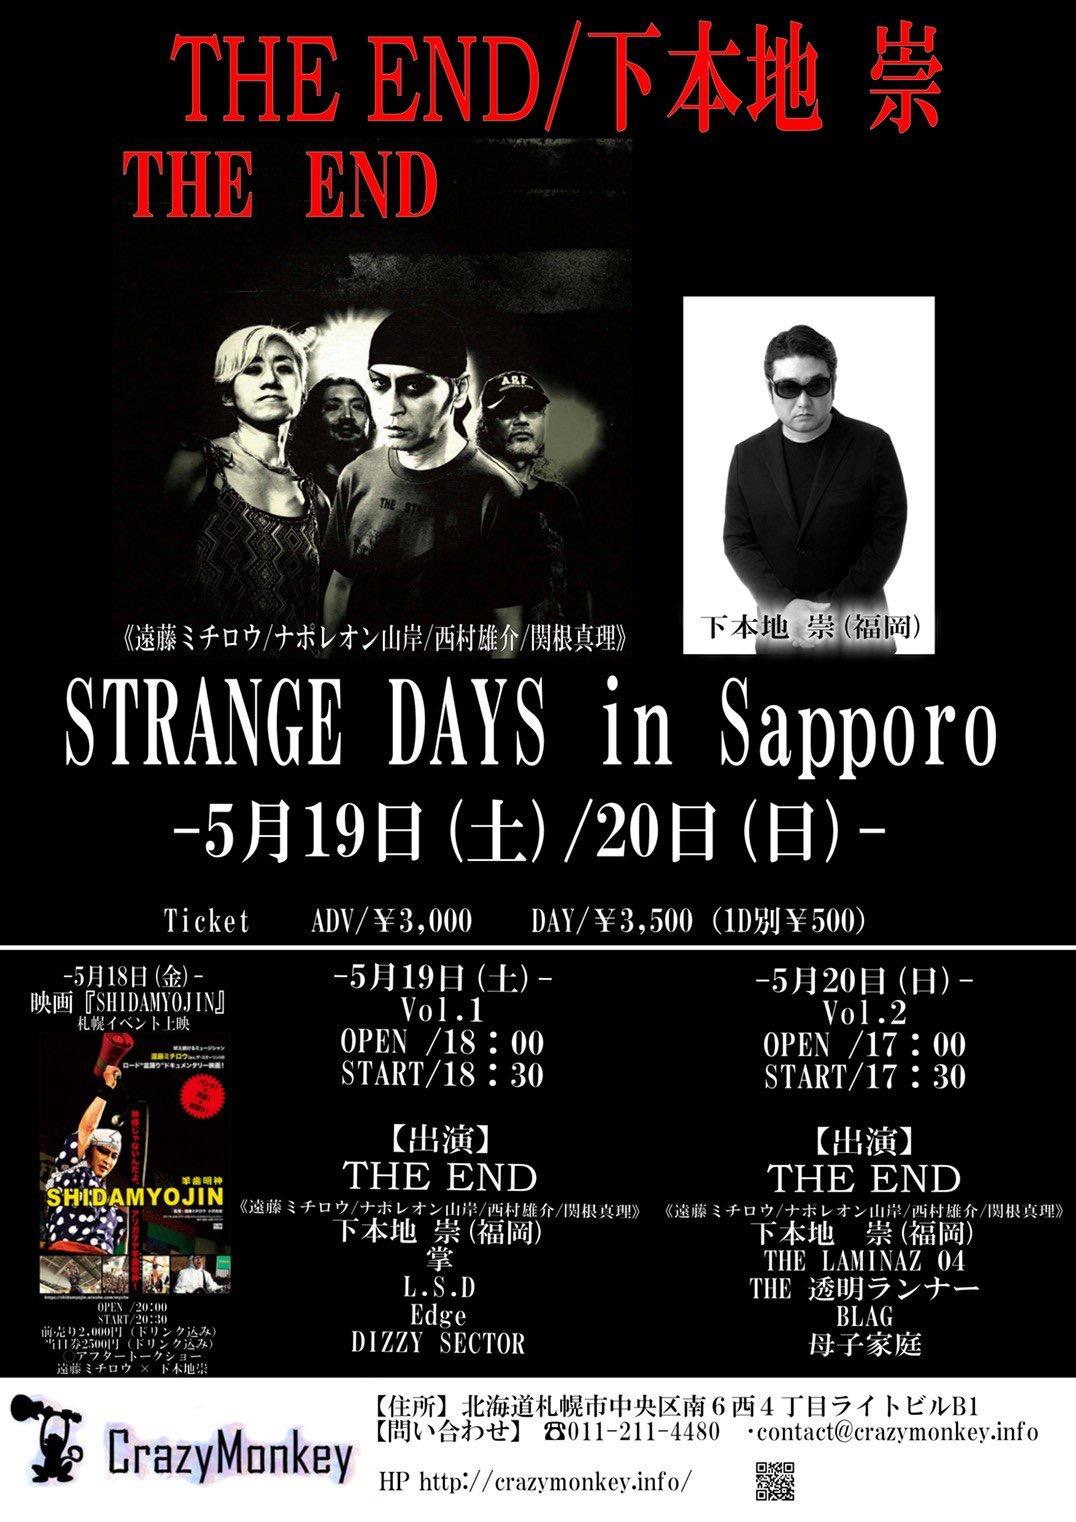 THE END @ 札幌・CrazyMonkey